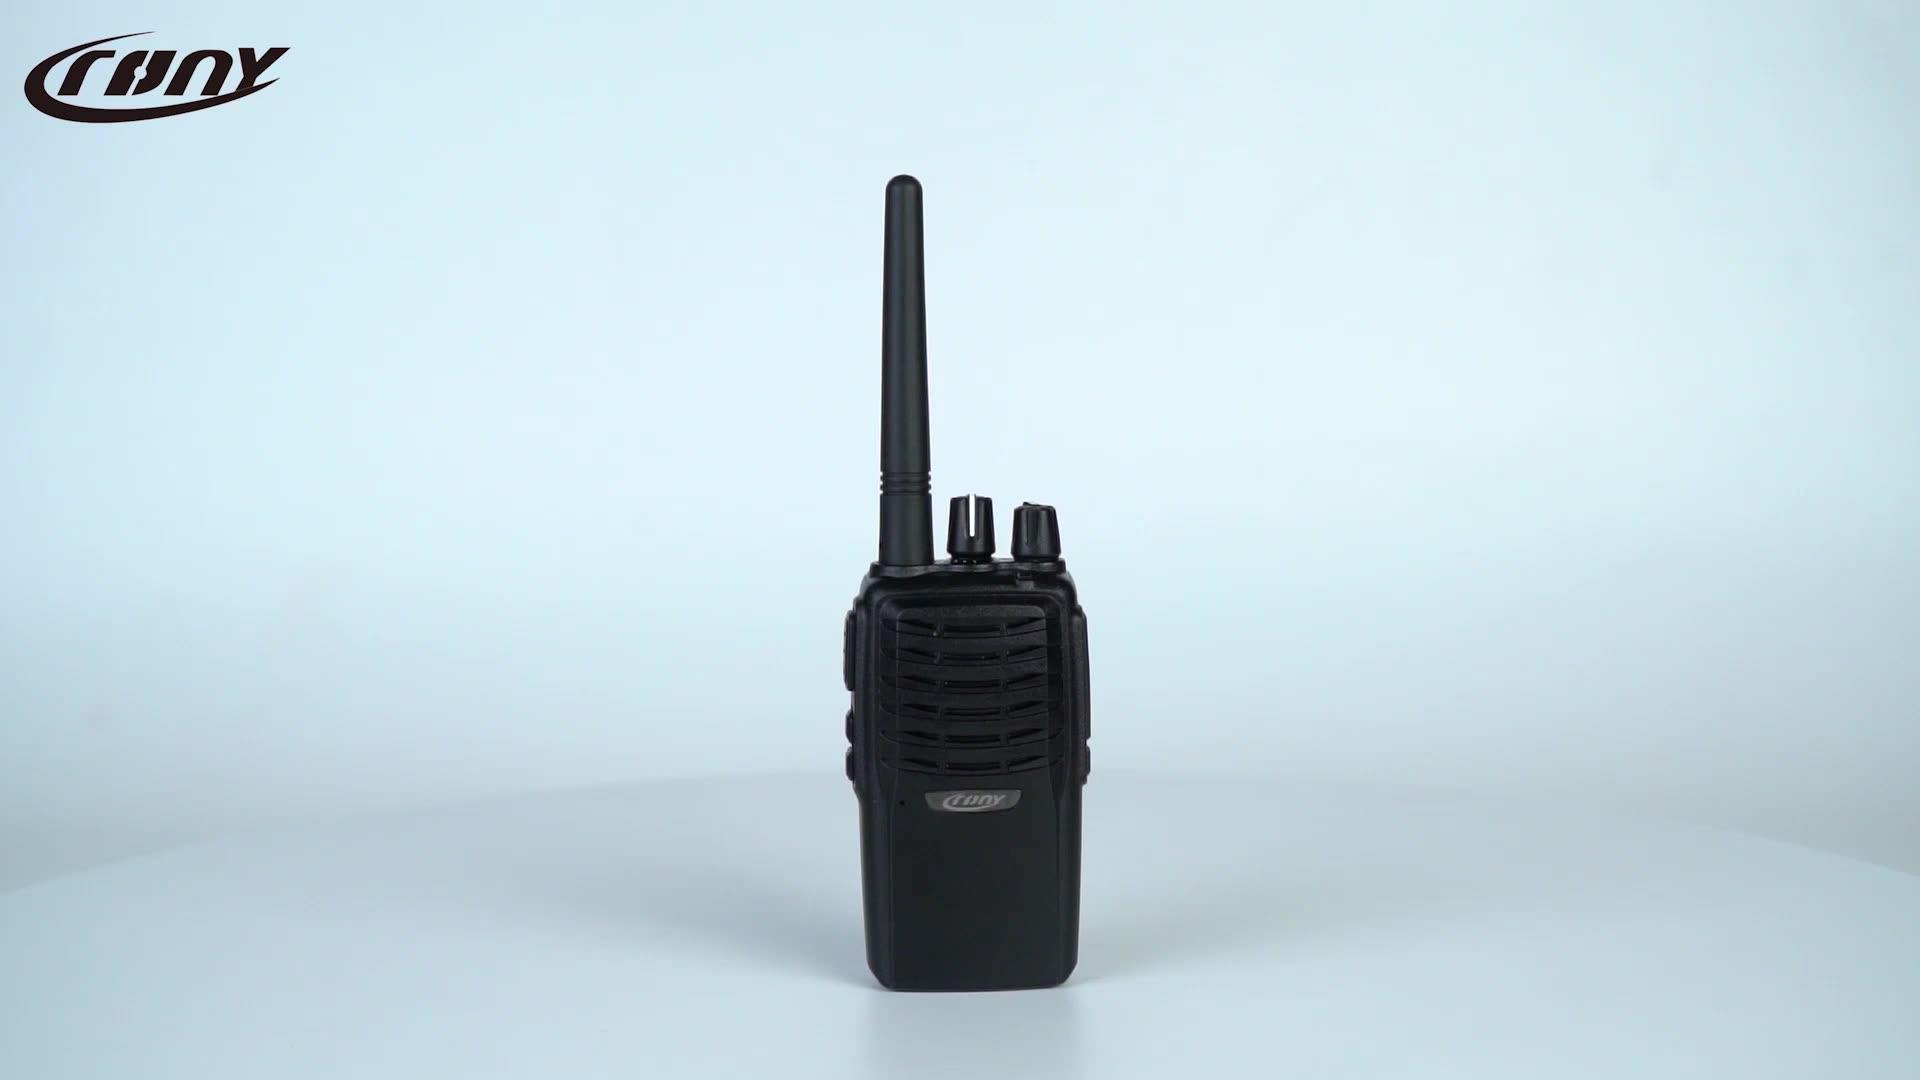 Alta Qualidade Longa RangeTwo Comunicação Via Rádio Handy Handheld Sem Fio Uhf FM Transceptor Walkie Talkie Compadrio CY-5800